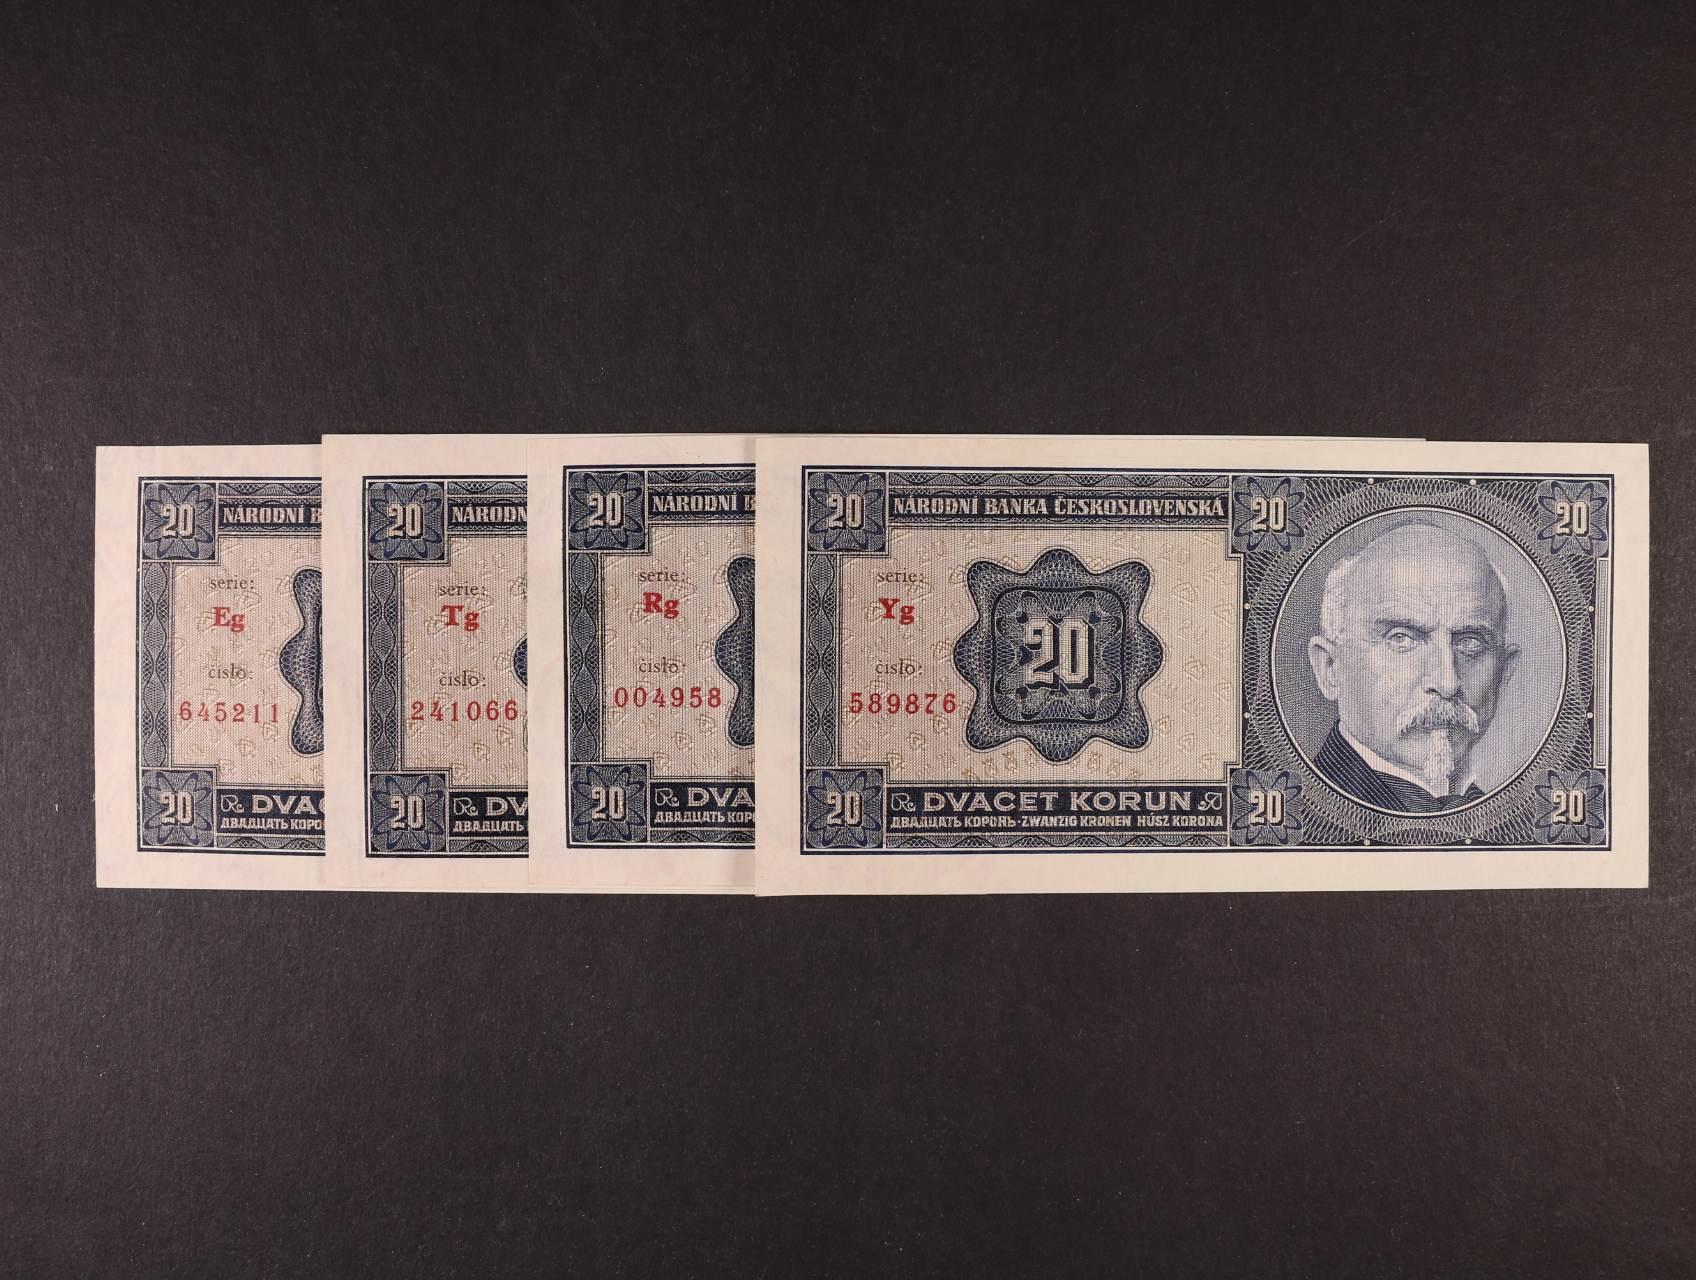 20 Kč 1.10.1926 série Eg, Rg, Tg, Yg, Ba. 21b2, Pi. 21a, 4ks